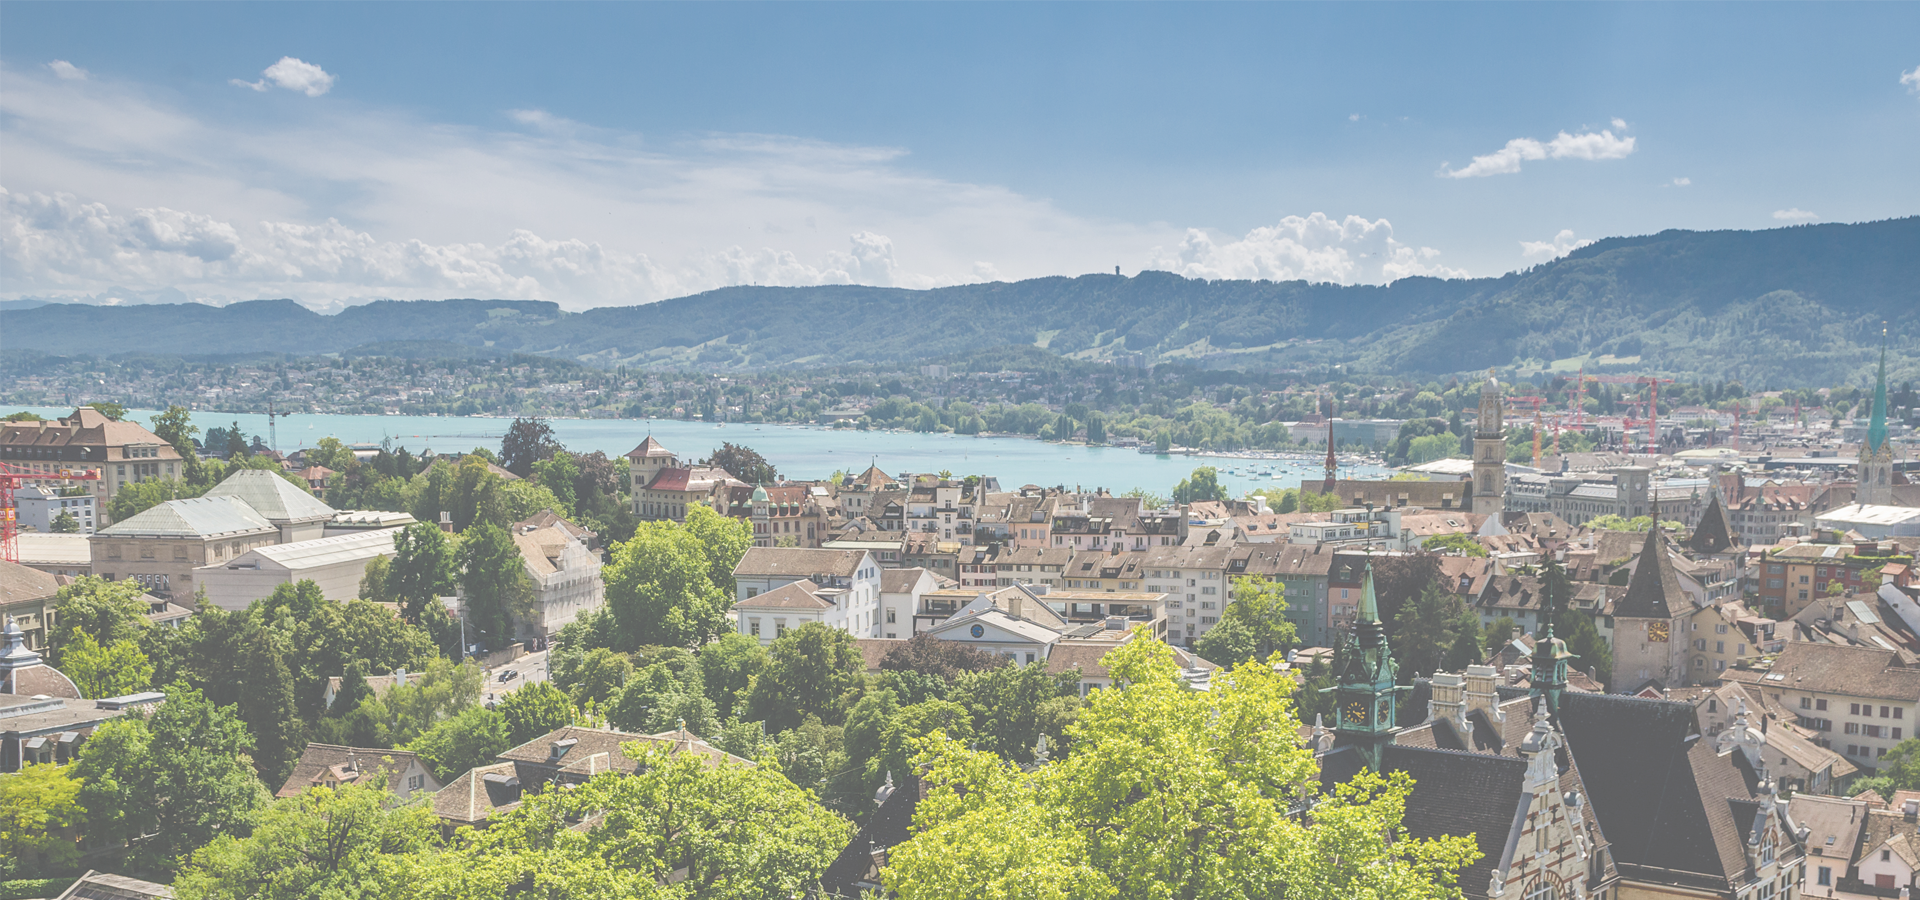 Peer-to-peer advisory in Zürich, Canton of Zürich, Switzerland